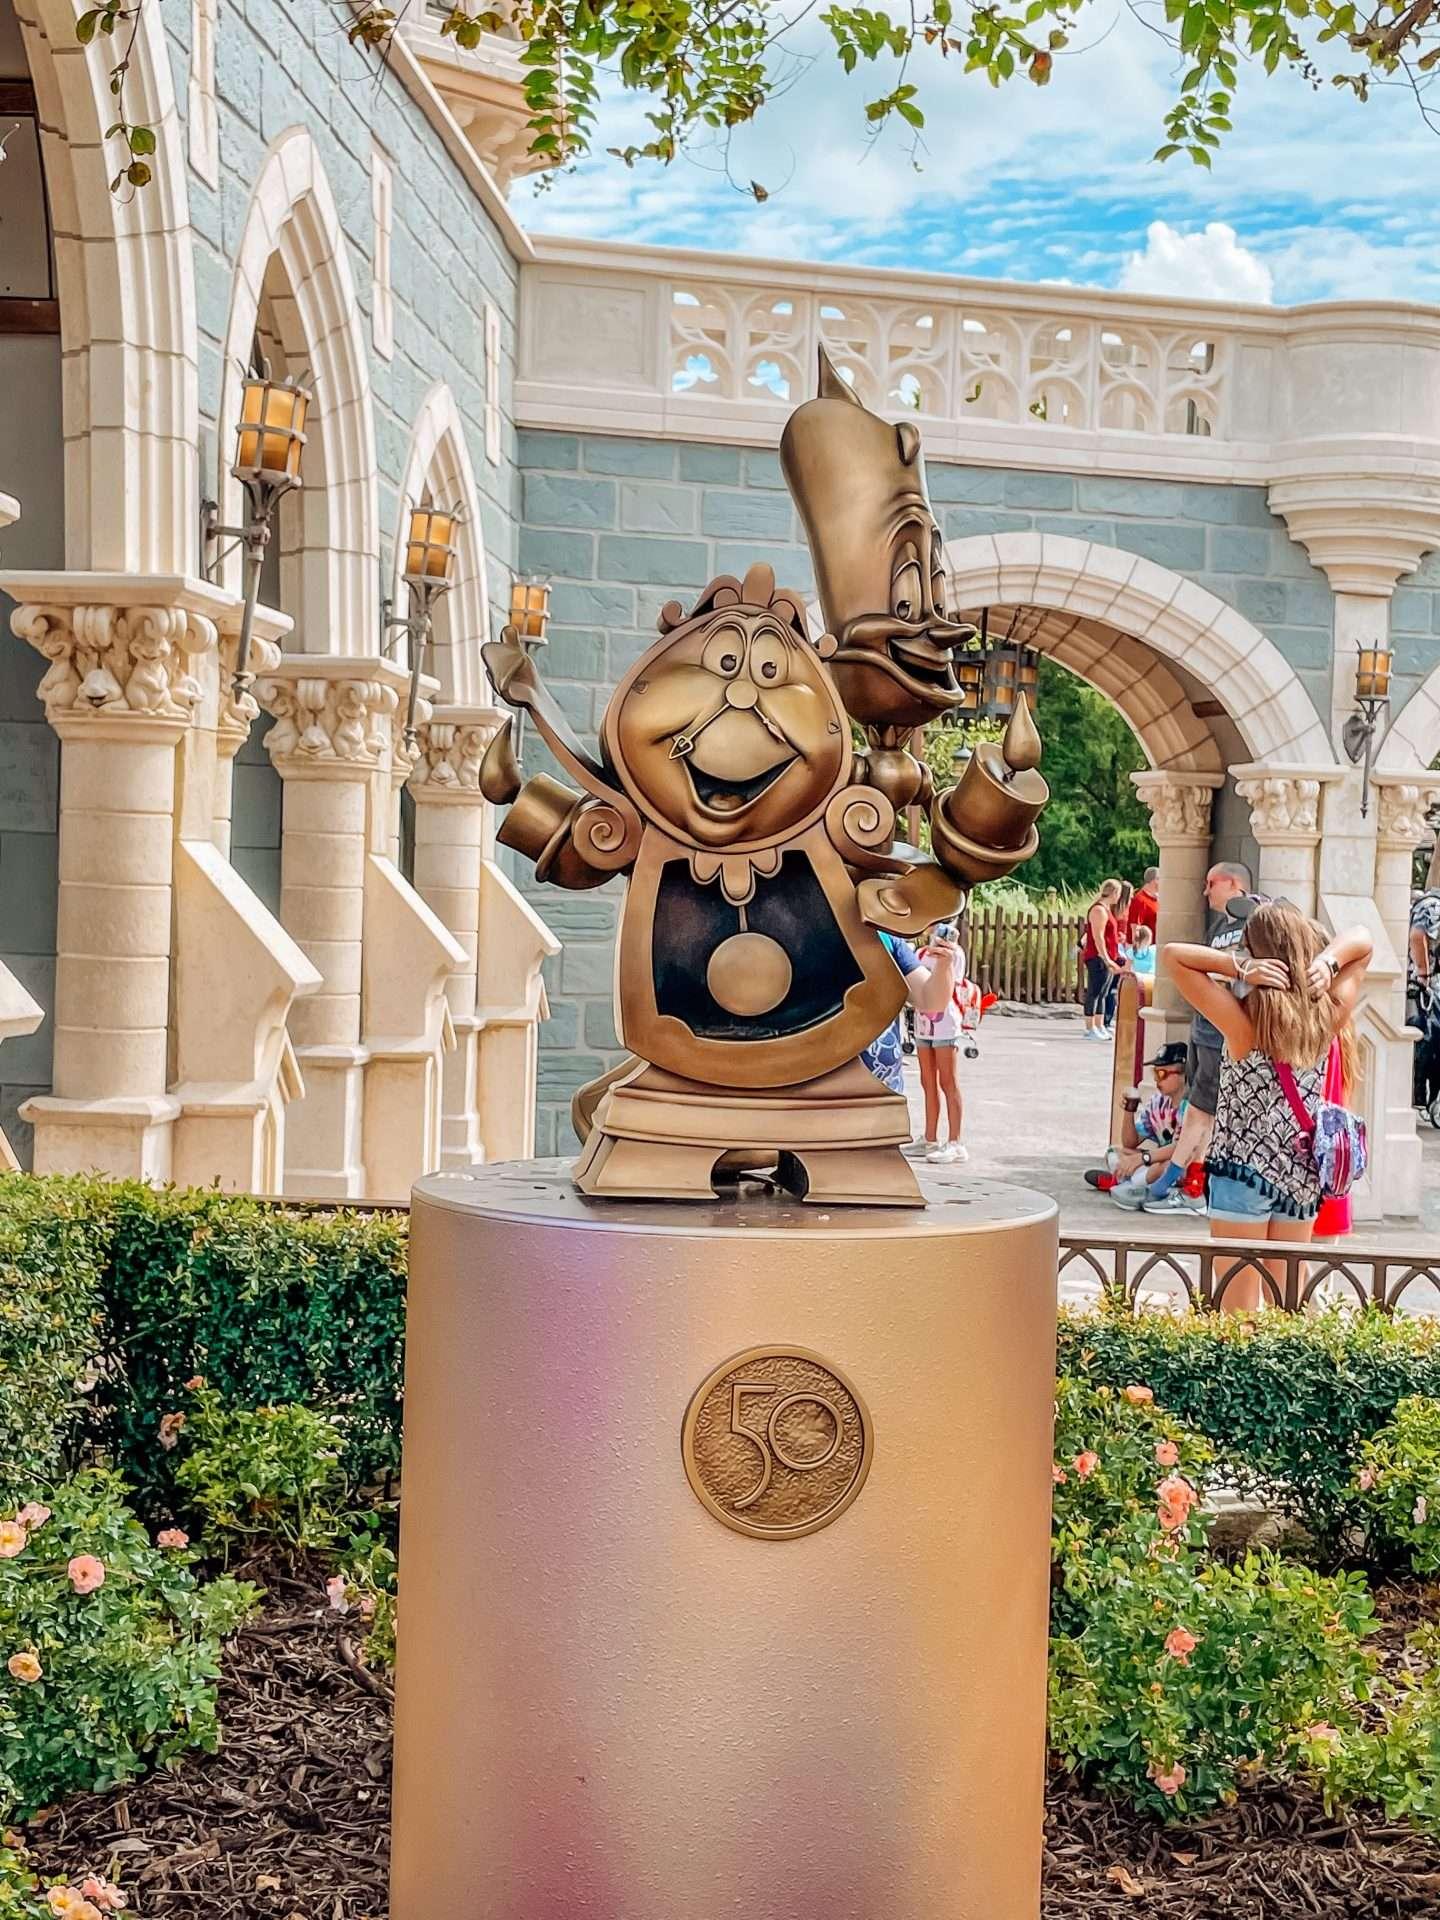 50th anniversary statues at magic kingdom